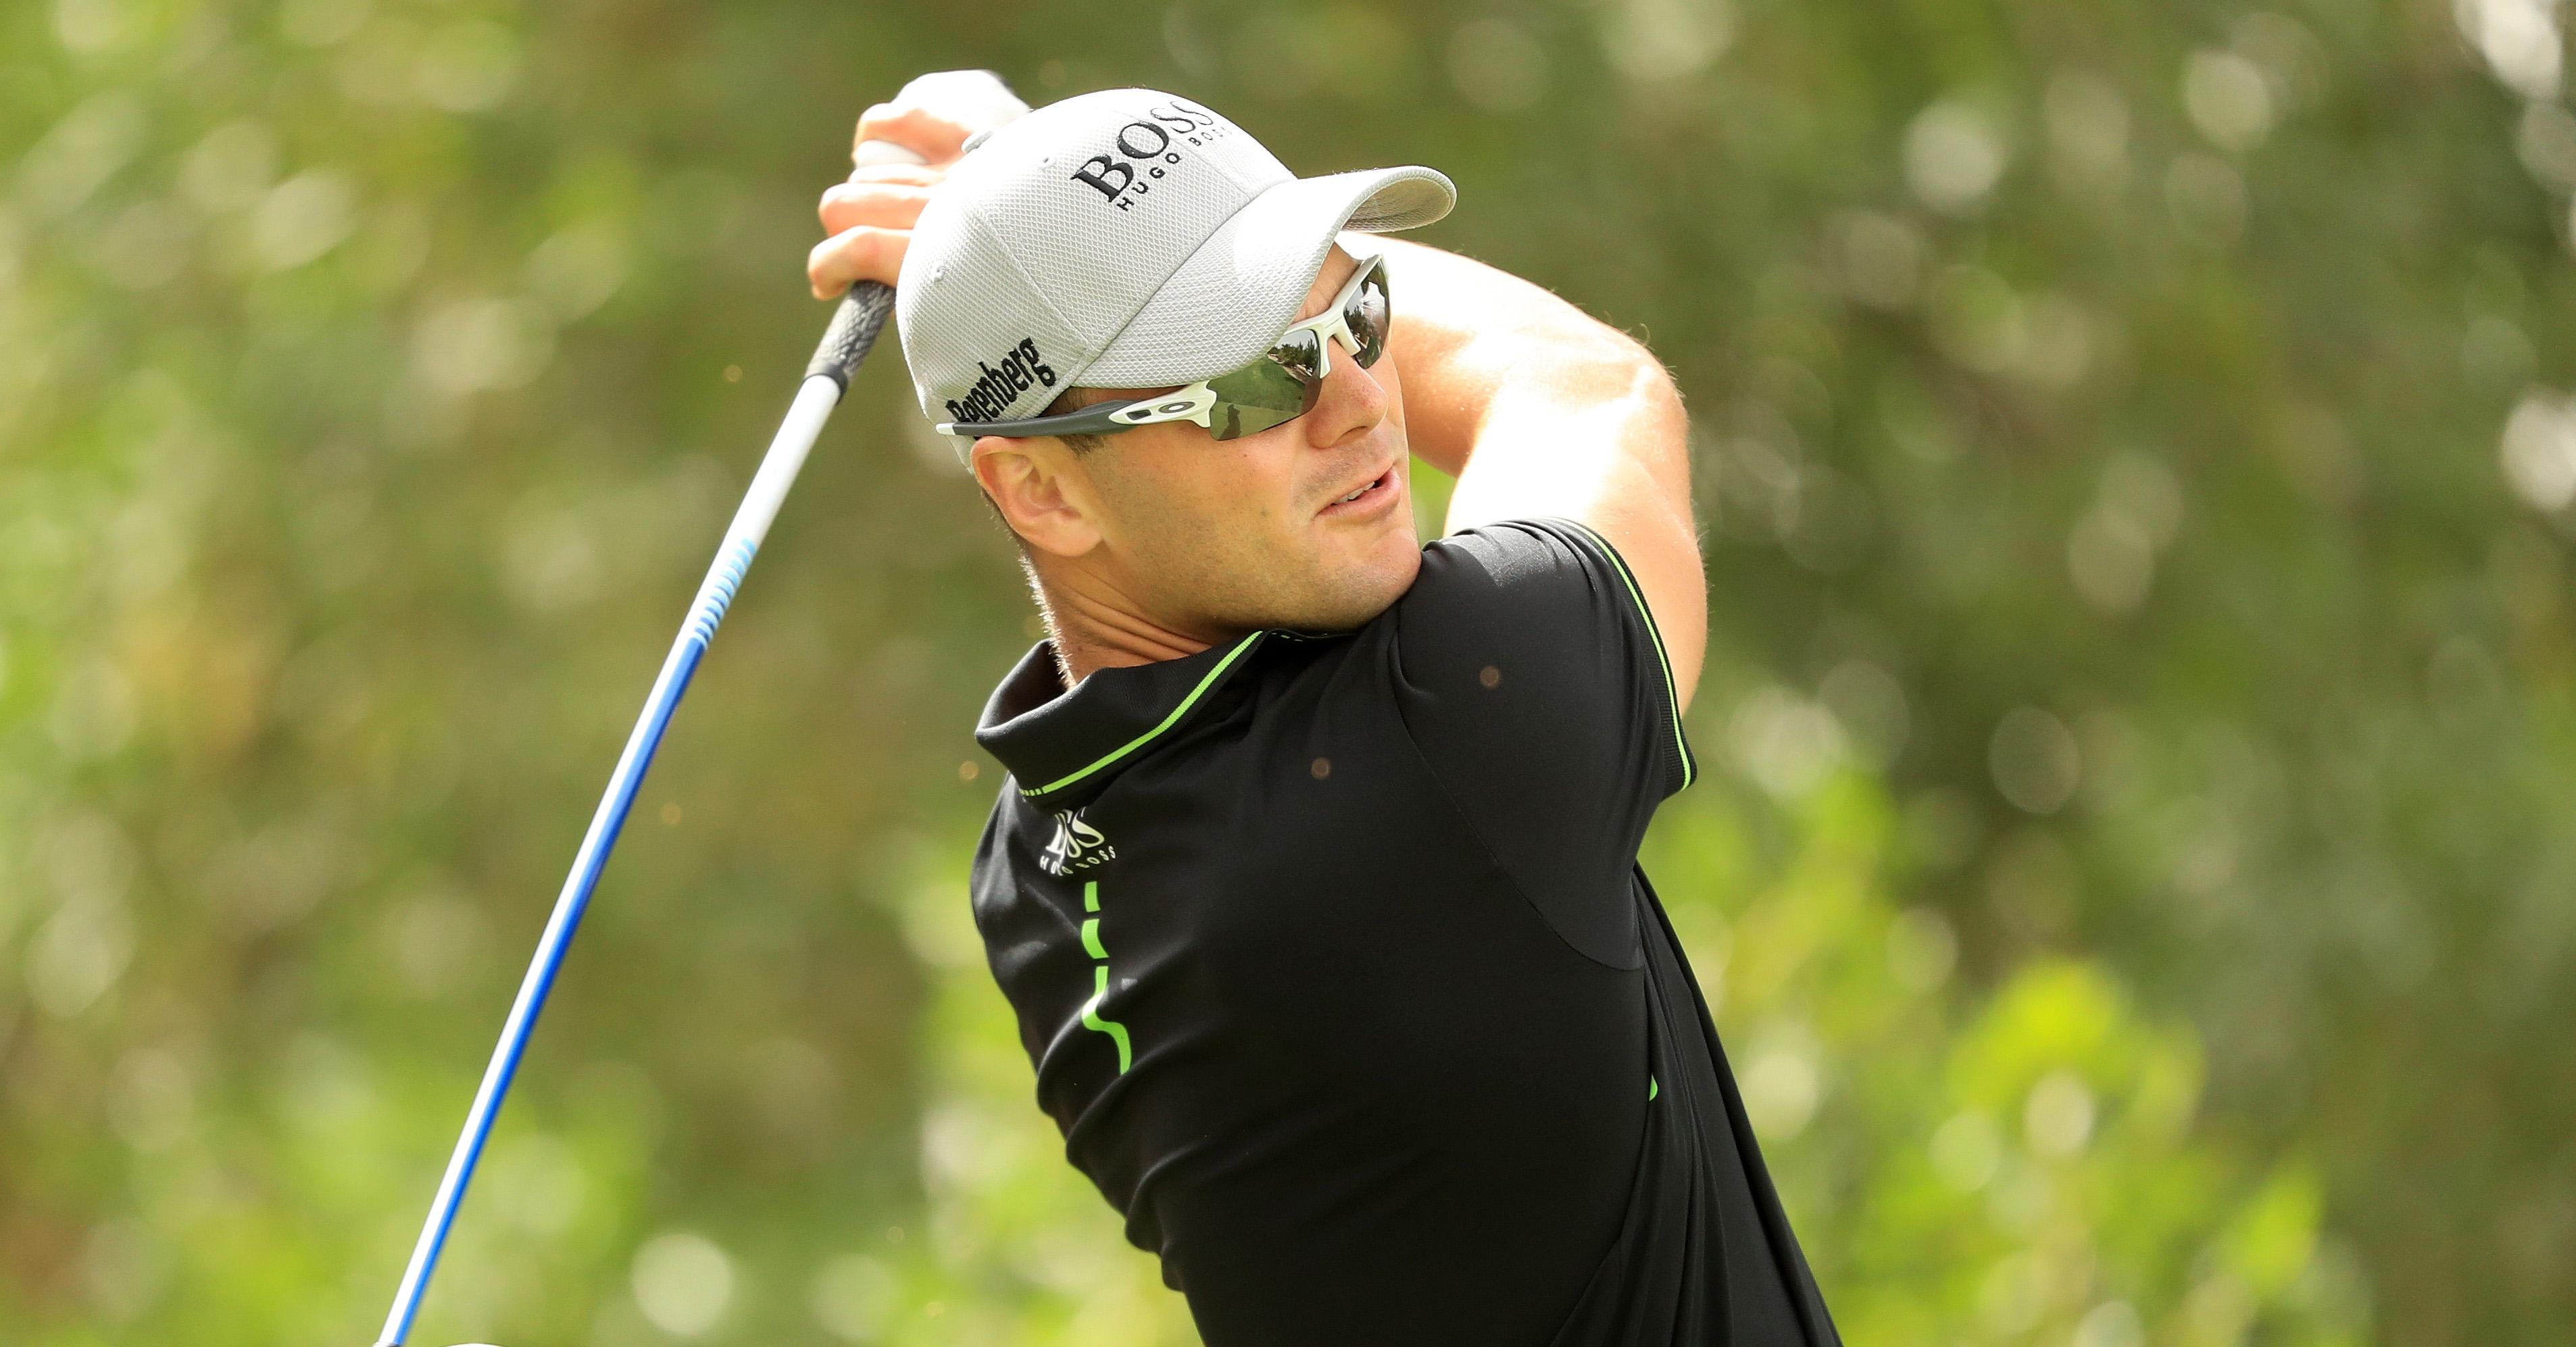 Golfregeln Entfernungsmesser : Golfregeln ein muss für alle spieler